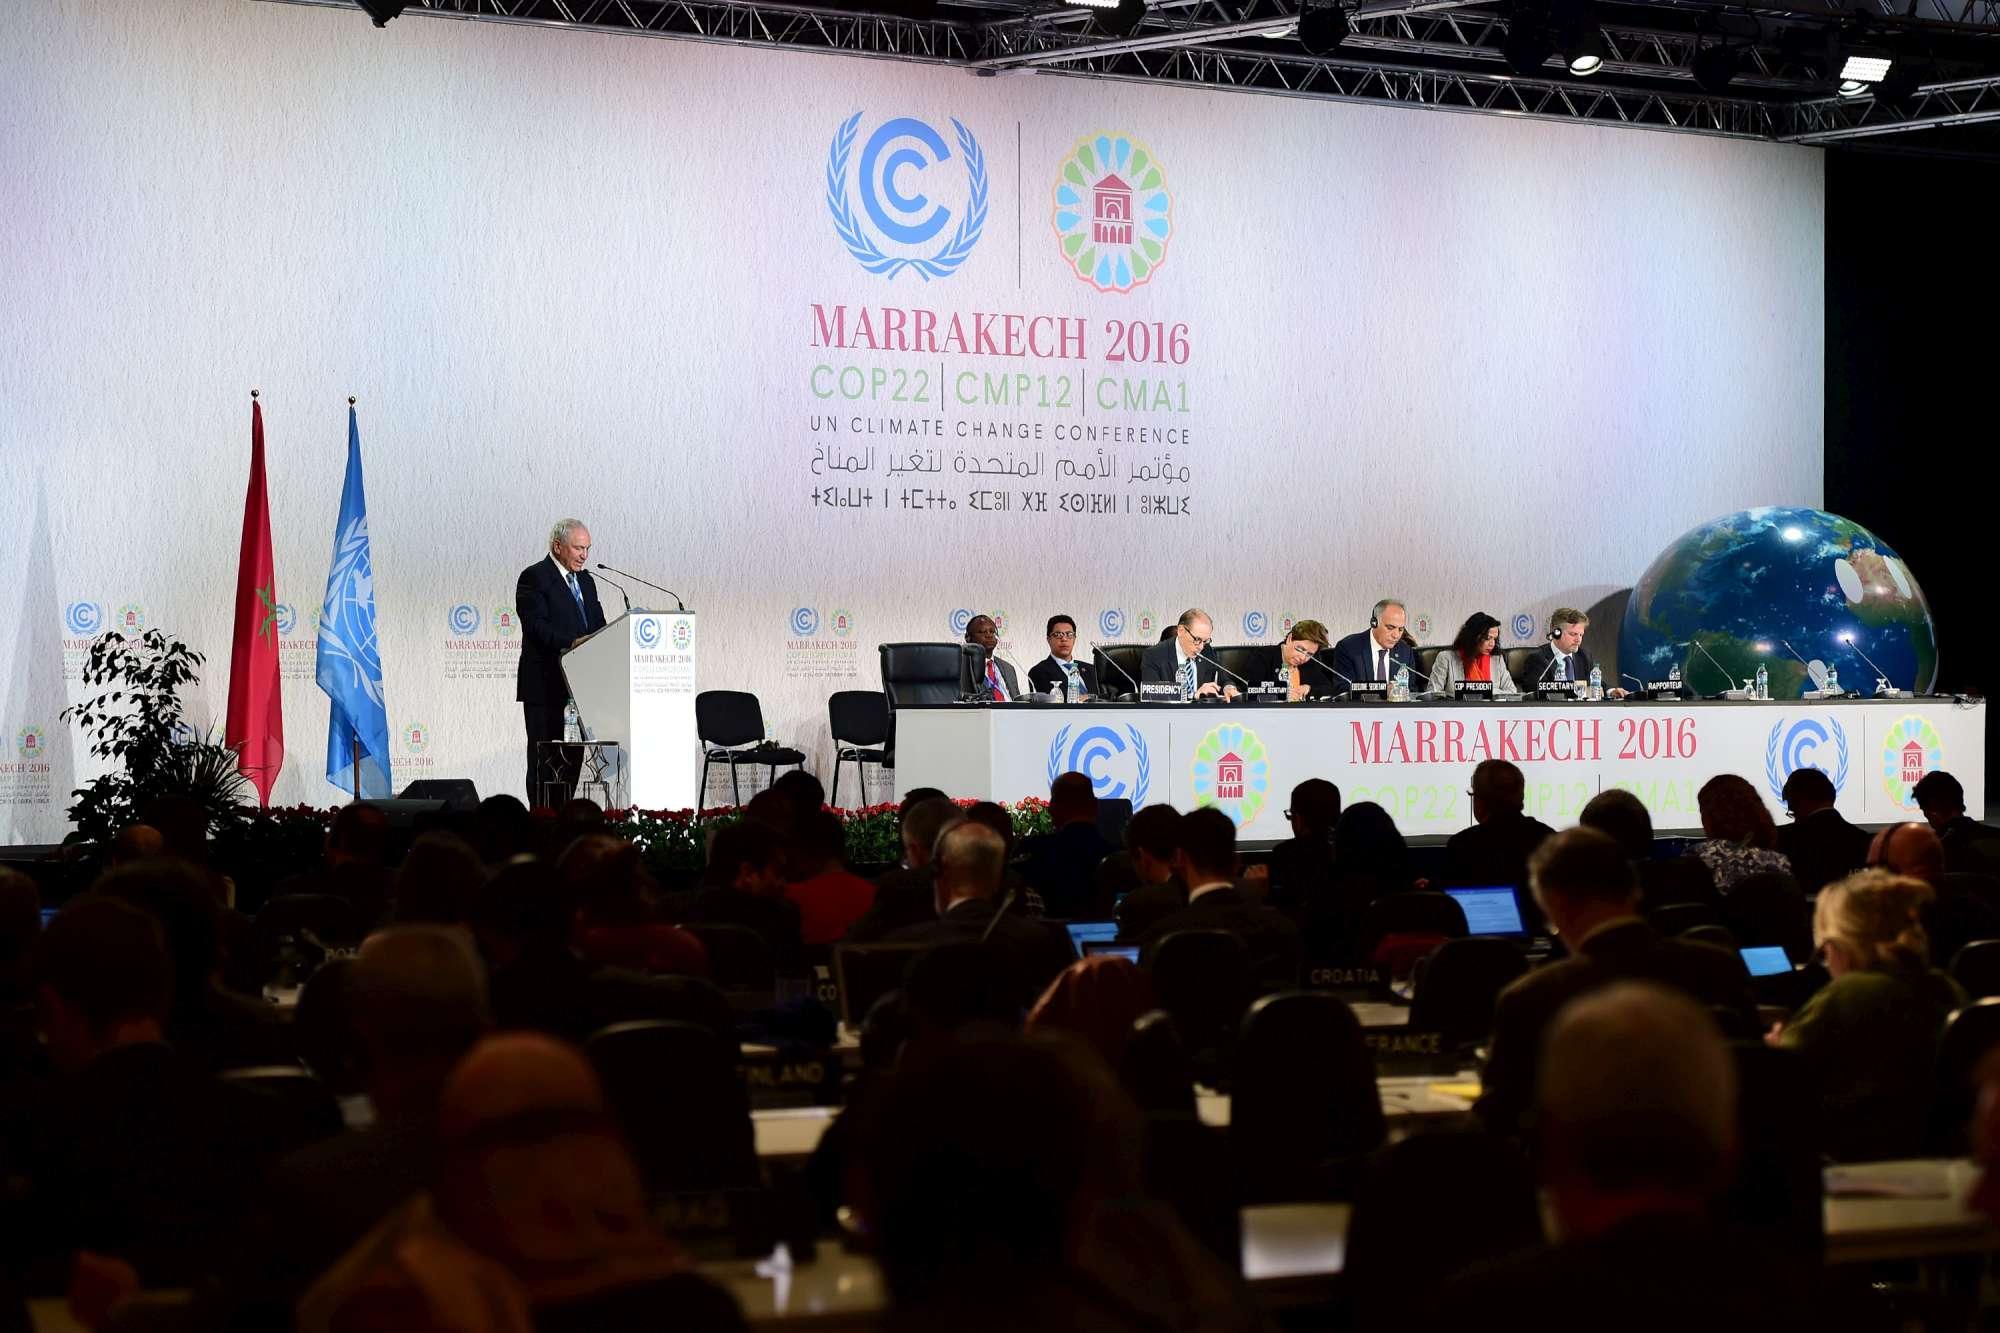 Cop22, la  dichiarazione di Marrakech  chiude la Conferenza sul Clima